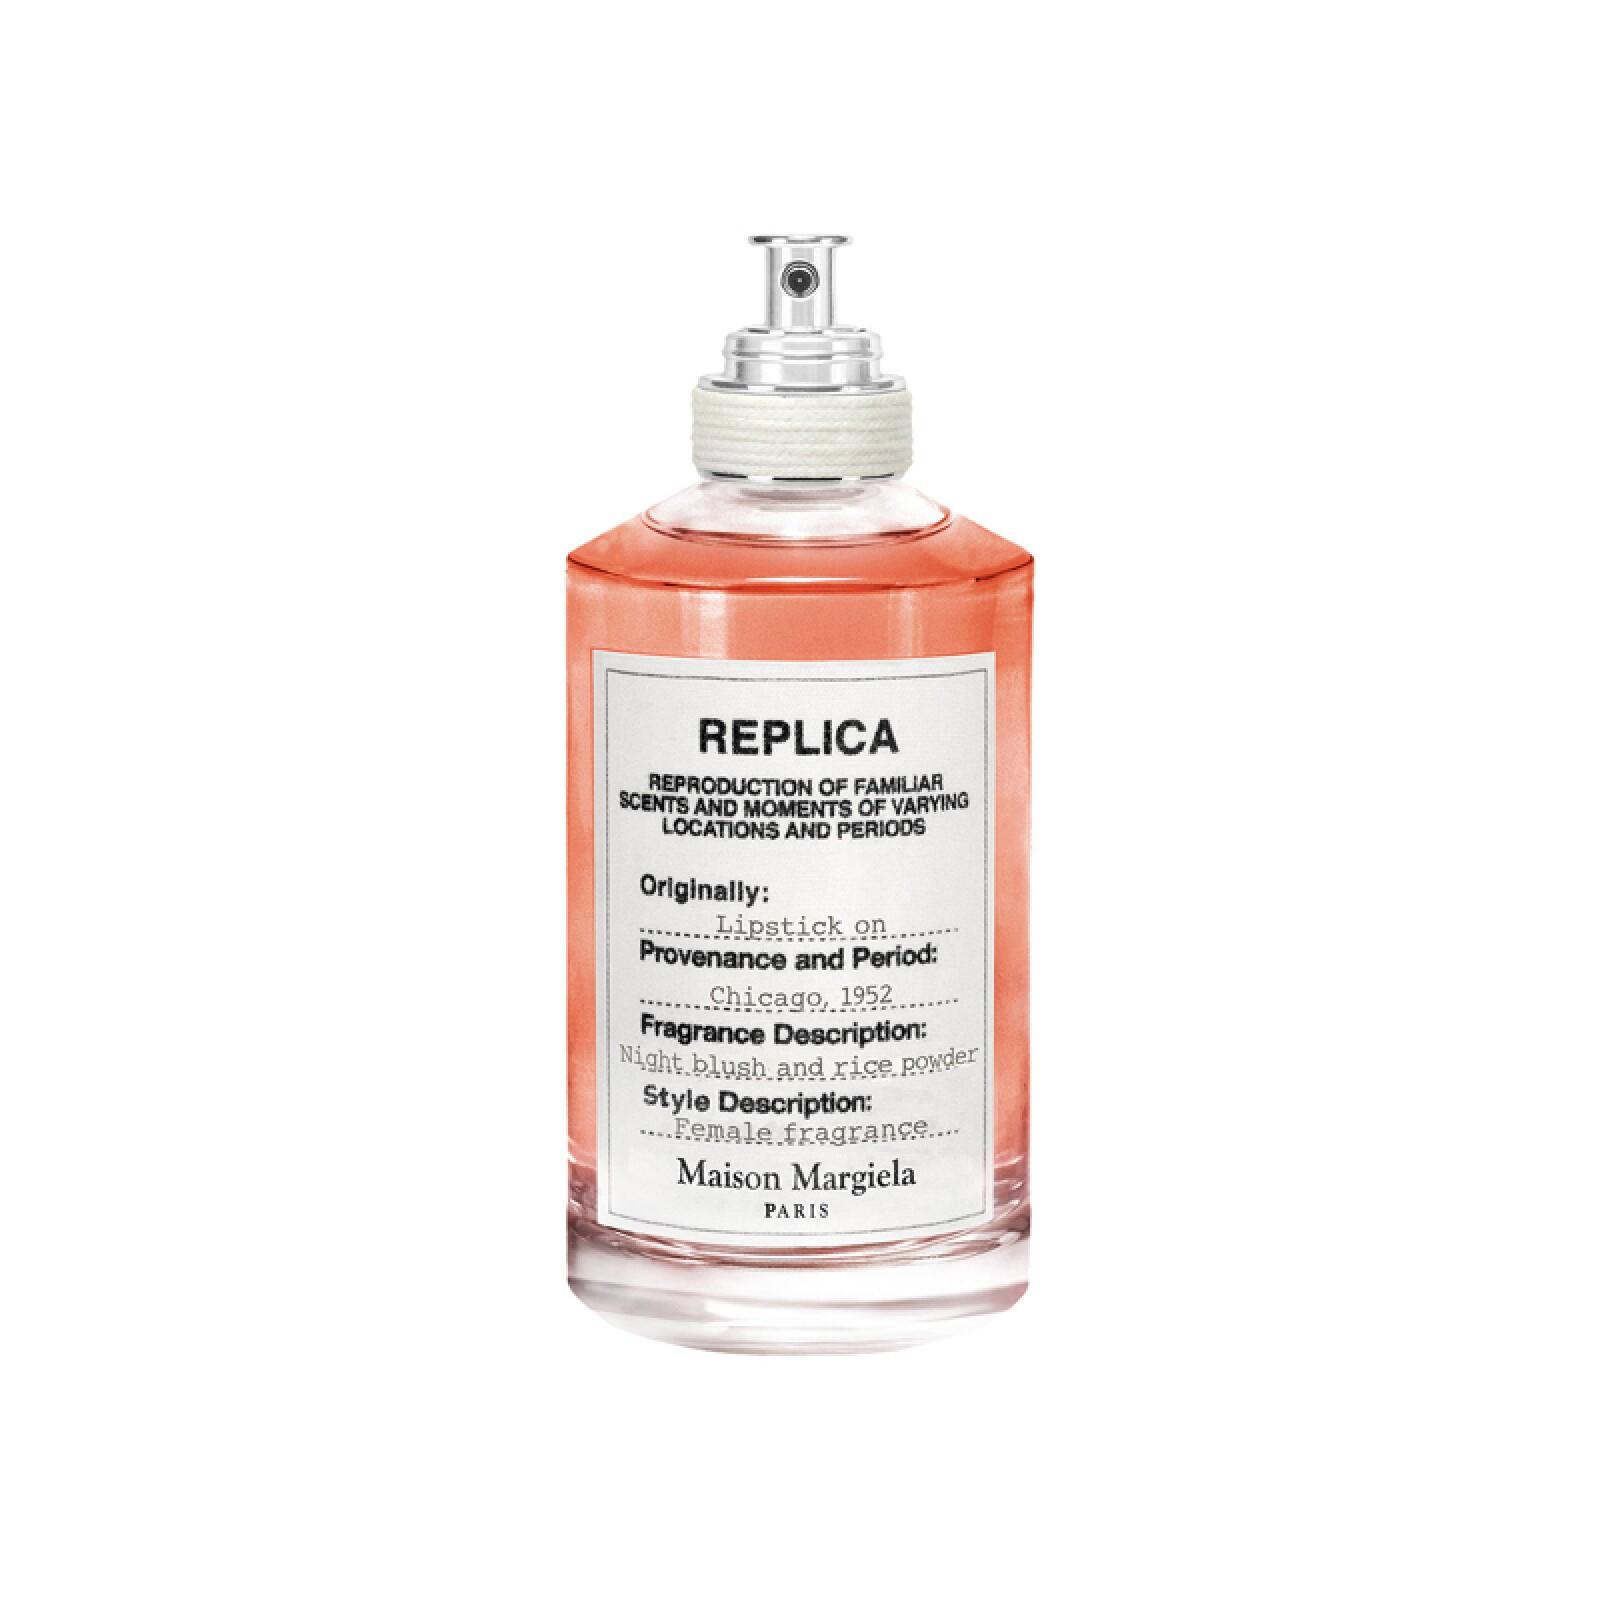 fragancias-perfumes-primavera-aroma-notas-floral-margiela